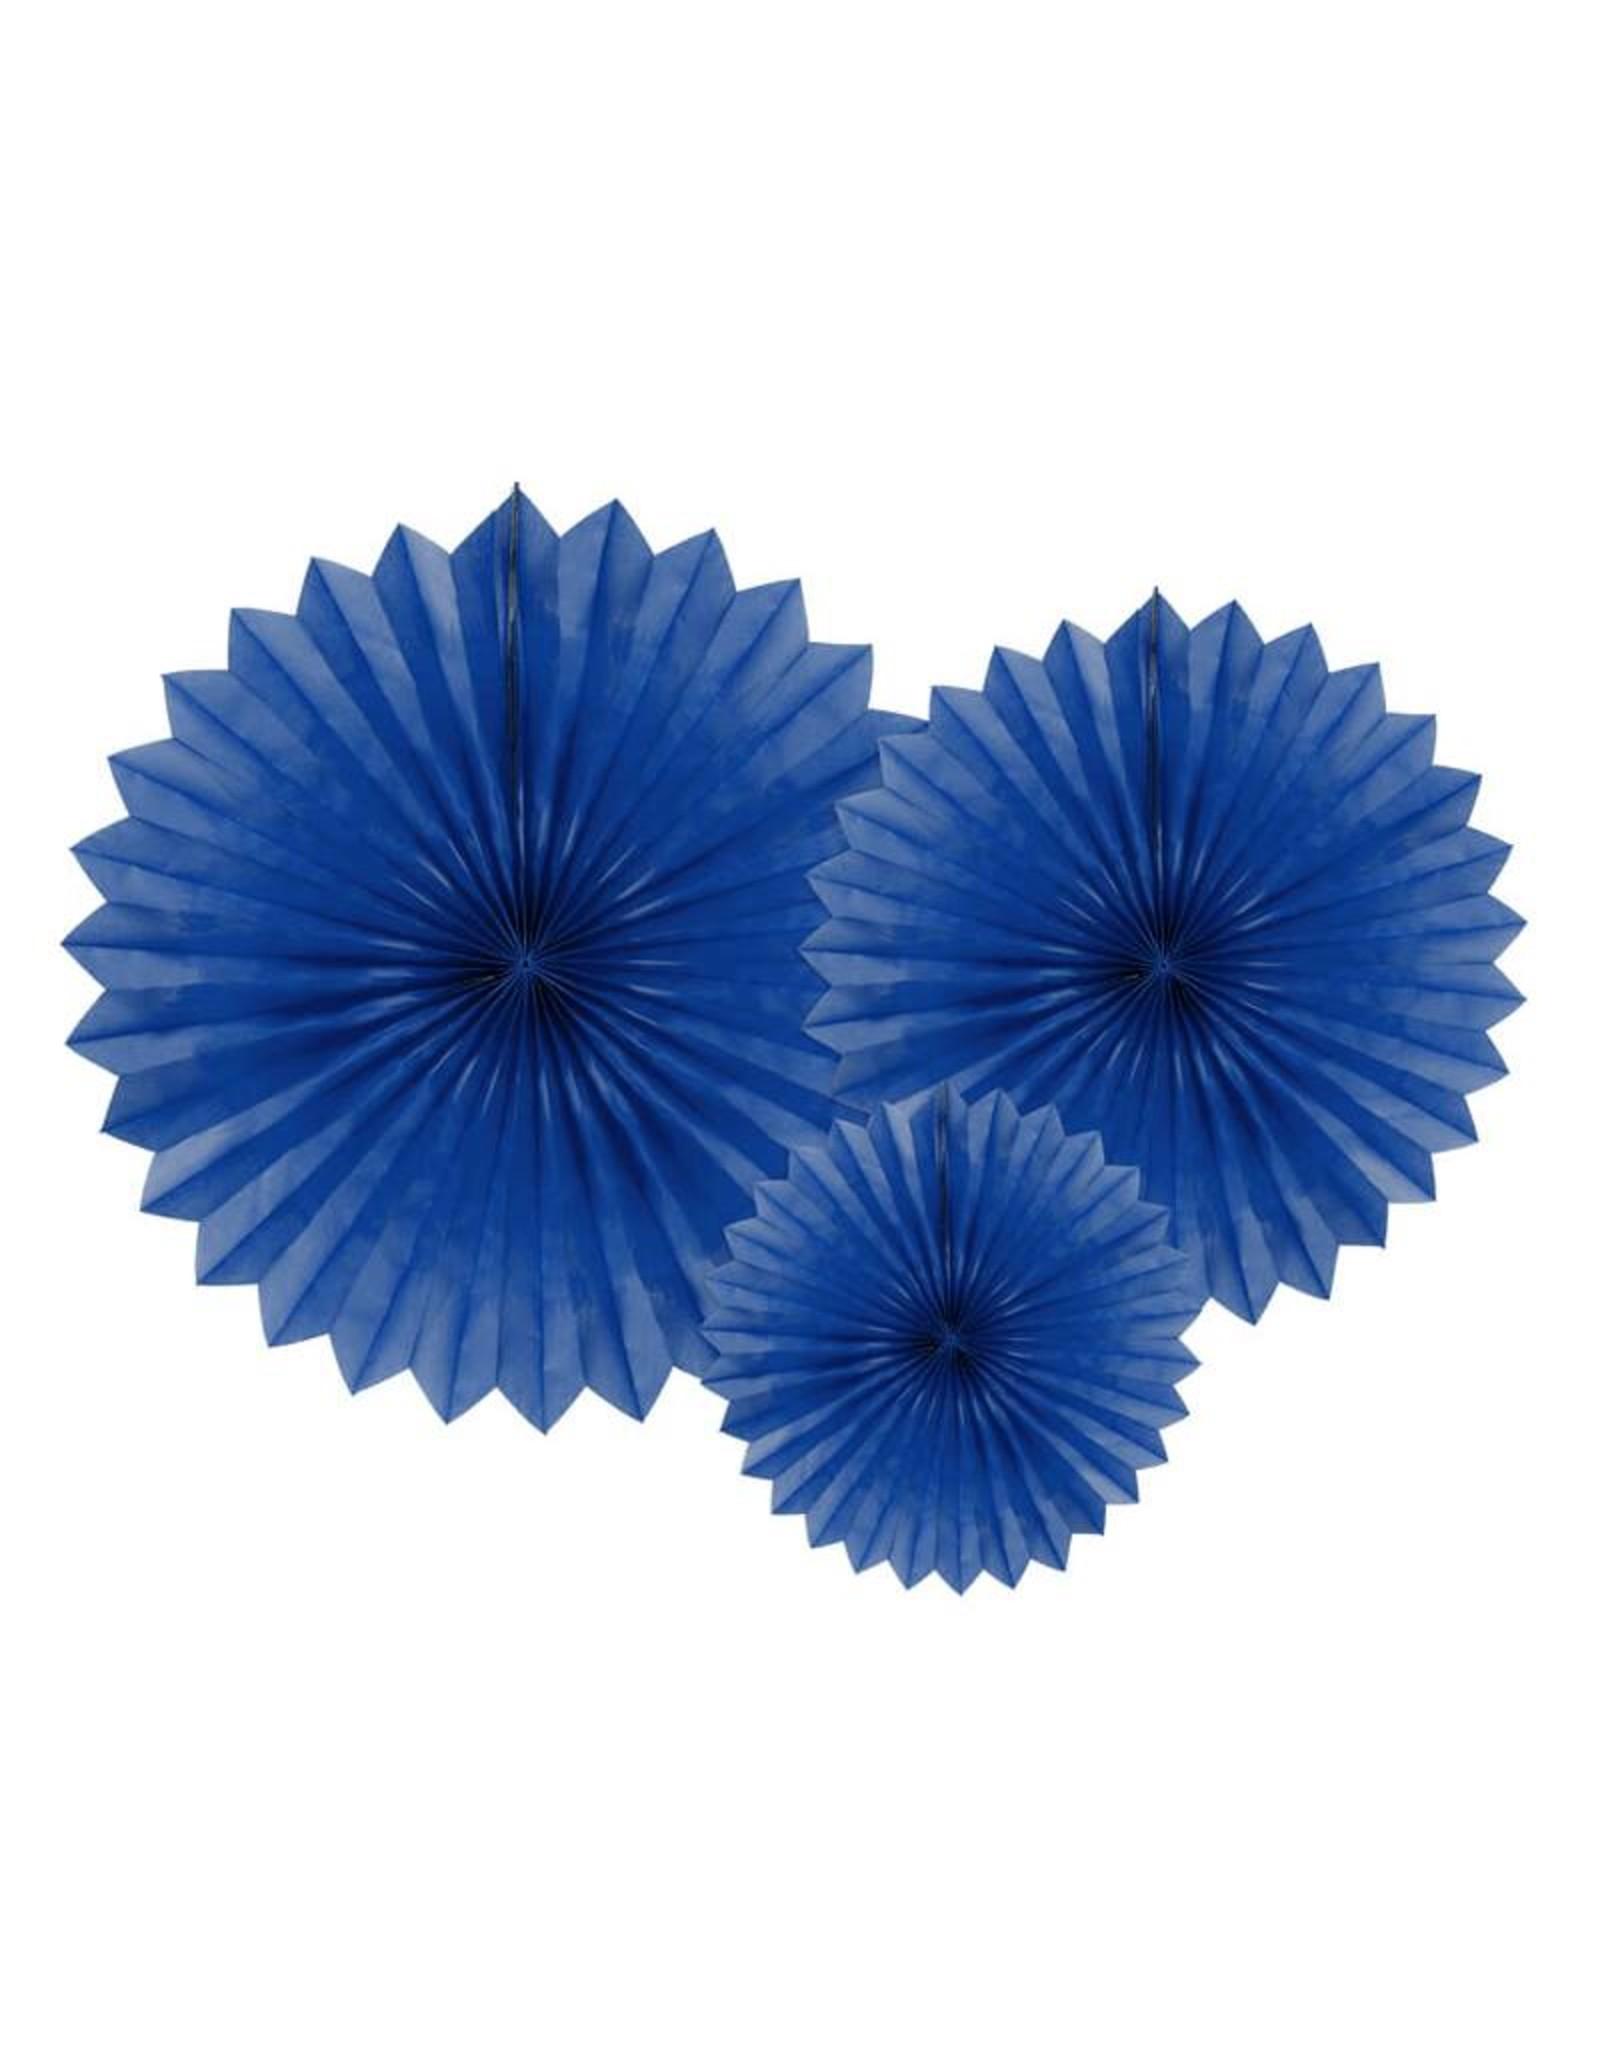 PartyDeco Papieren waaiers 'Tissue fans' donkerblauw | 3 stuks